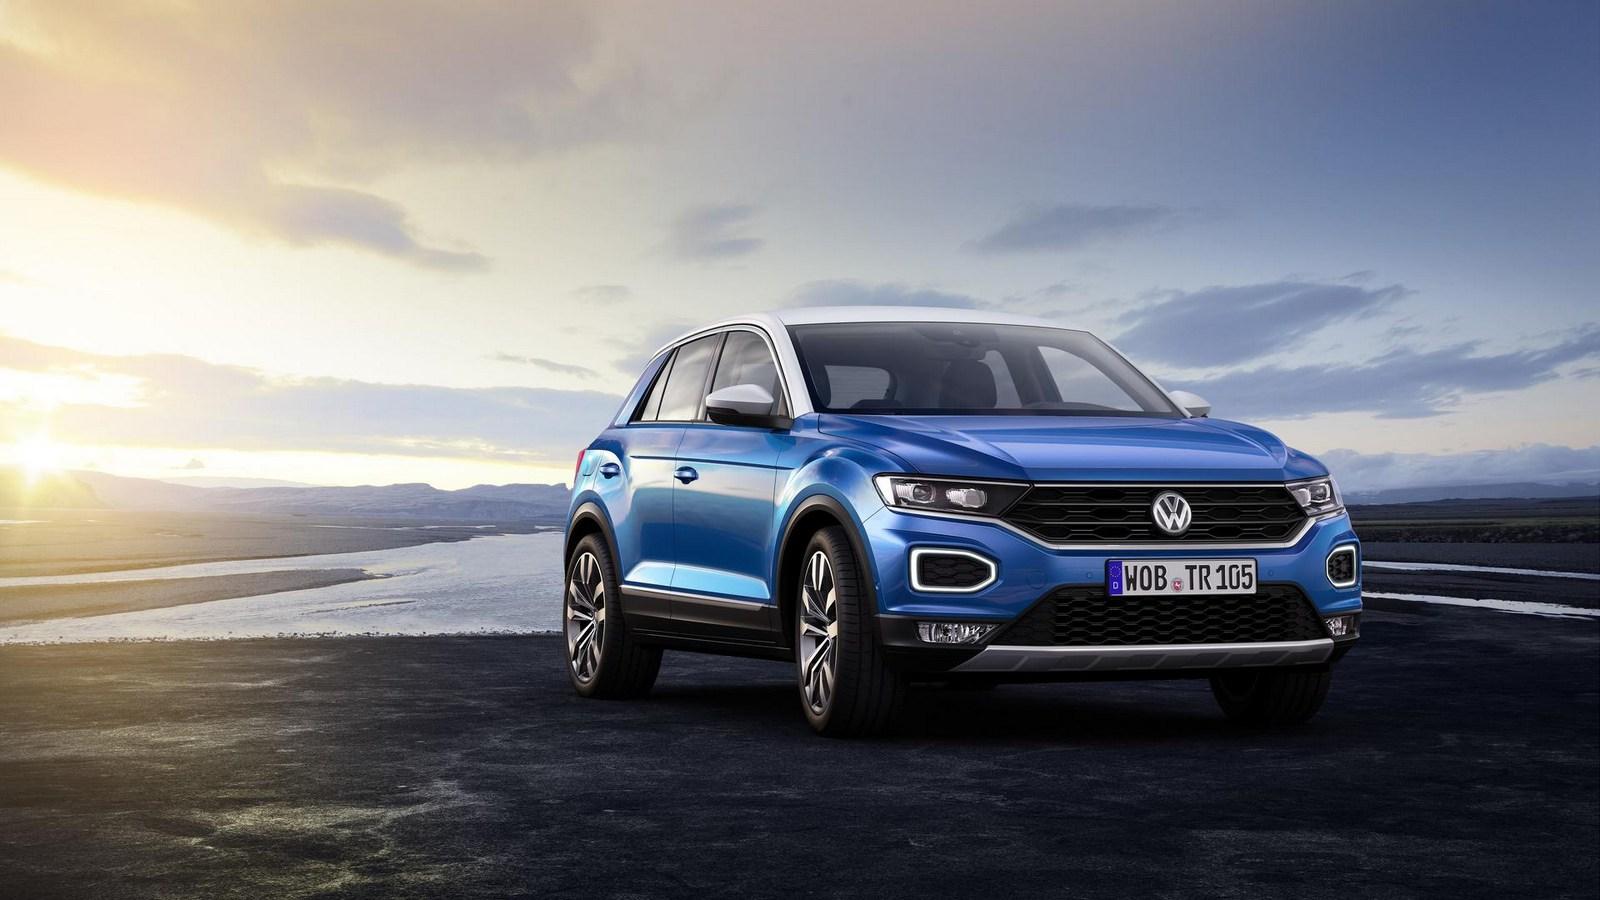 2018_Volkswagen_T-Roc_12